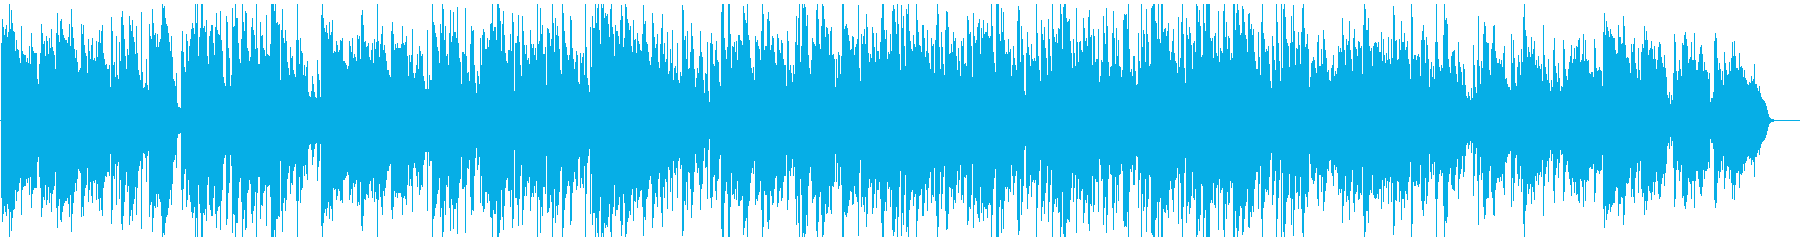 おしゃれ知的スマートジャズ サックス生録の再生済みの波形